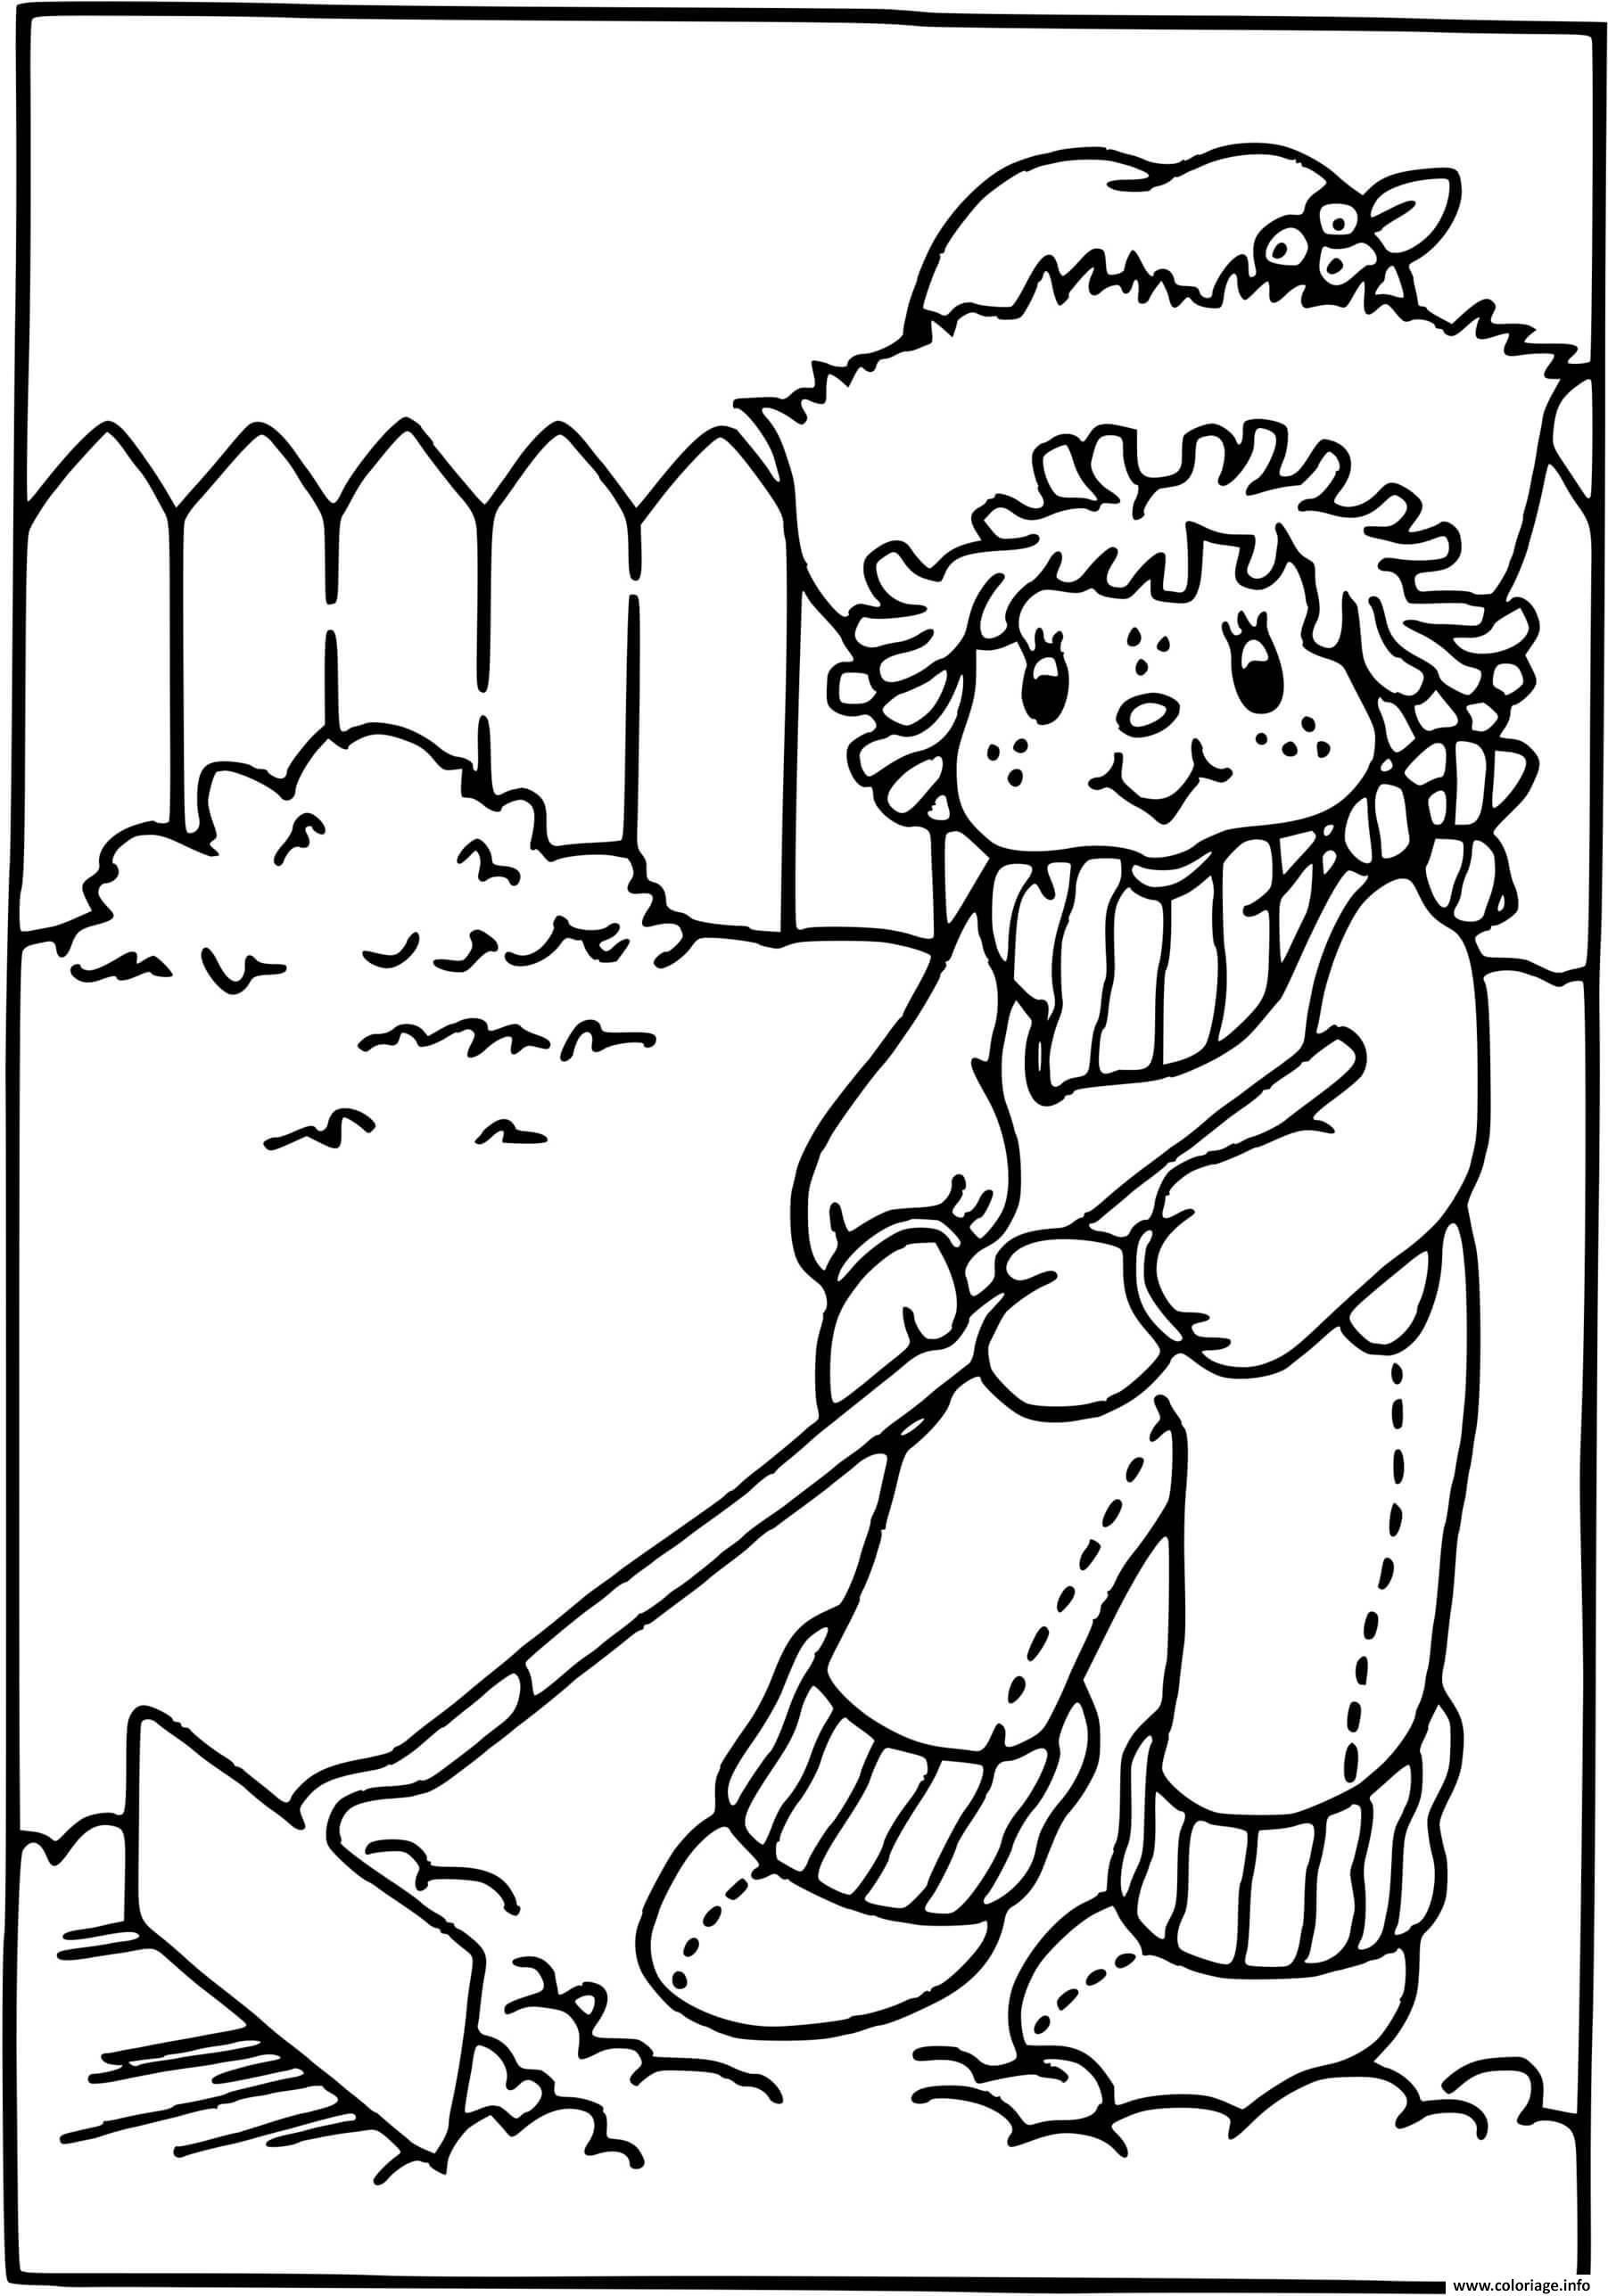 Dessin Charlotte aux fraises fait du jardinage Coloriage Gratuit à Imprimer